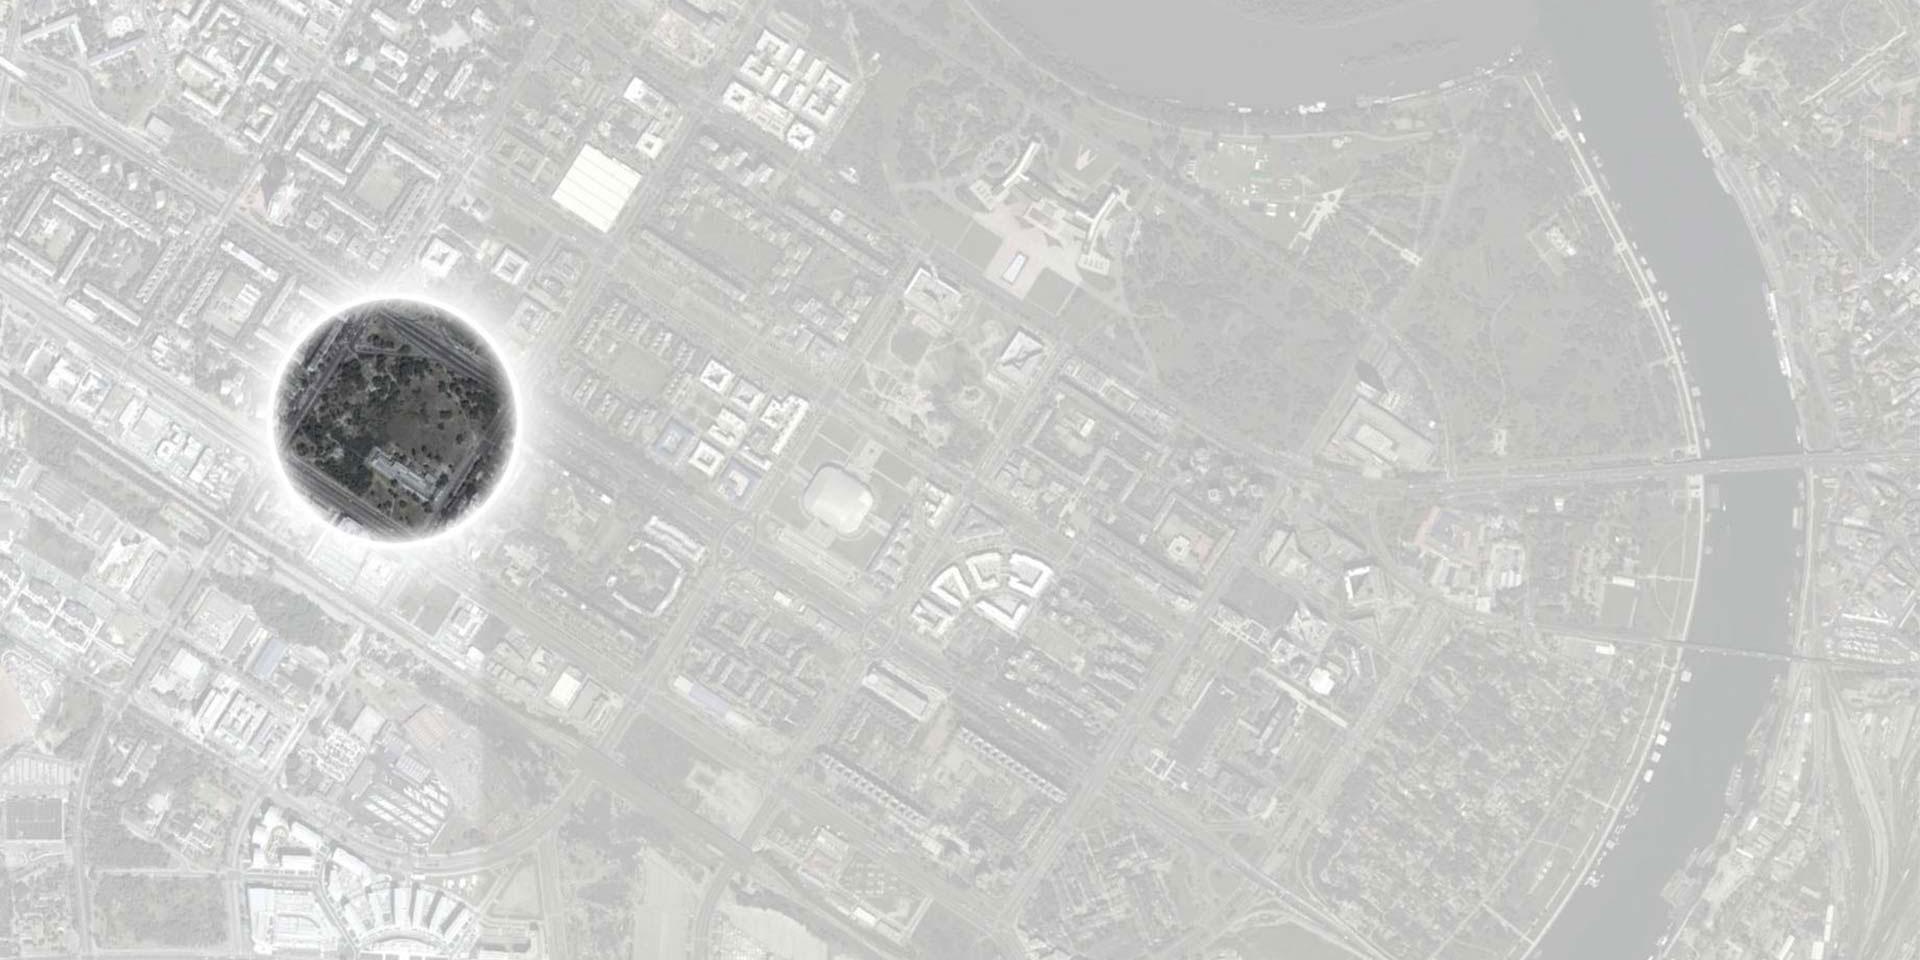 archinow_BEL_-science-centre-belgrado_01B